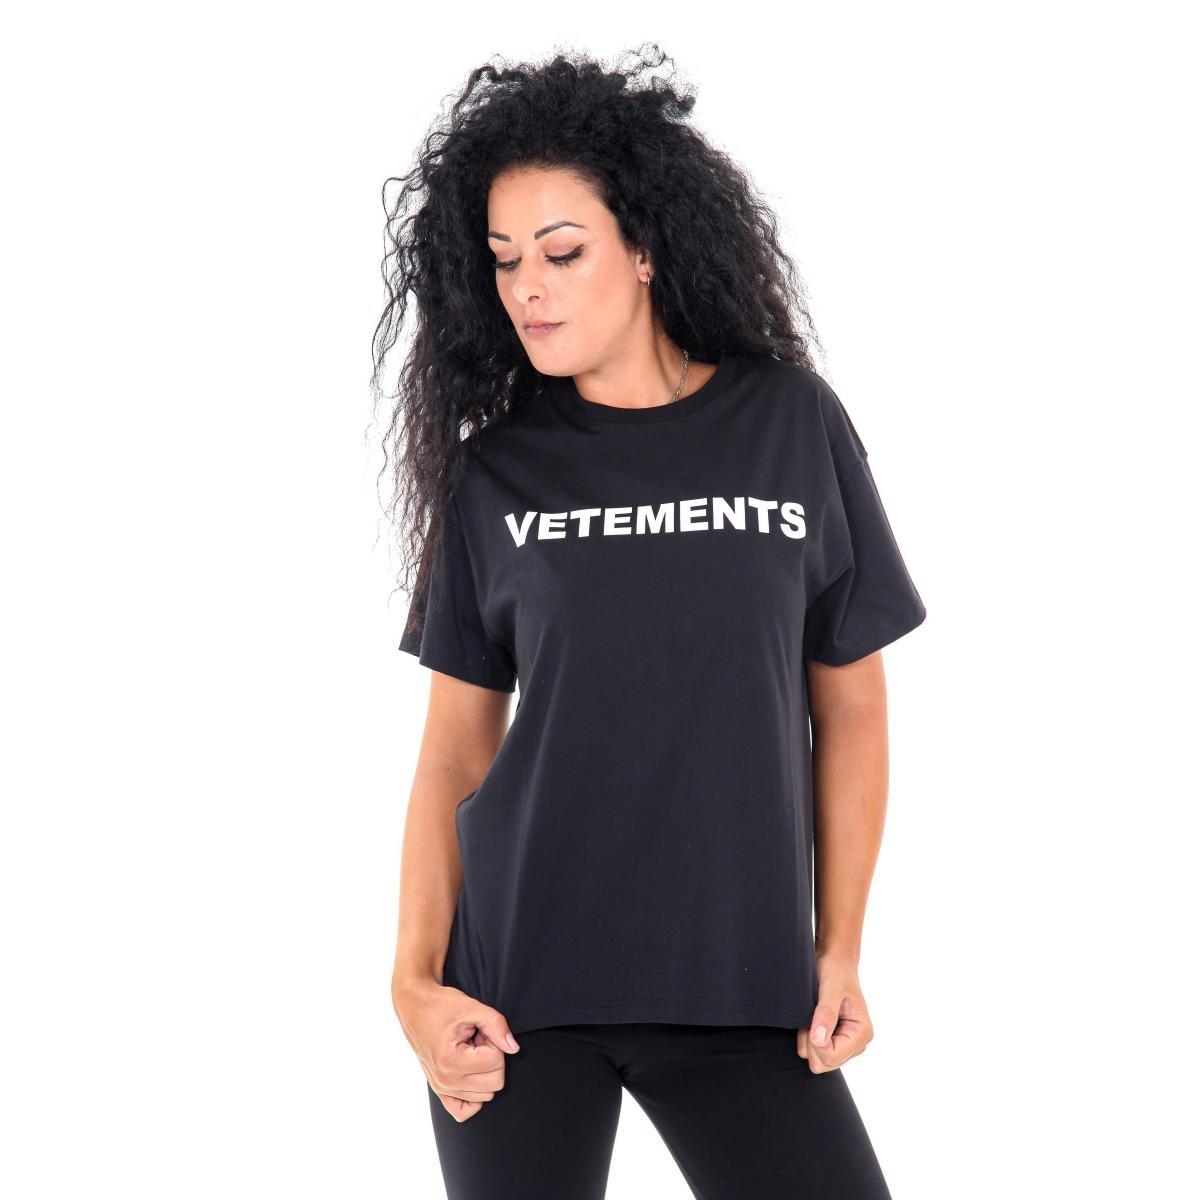 """T-shirt """"Vetements"""" girocollo da donna con stampa anteriore e posteriore Rif. V050 www.montorostore.it"""